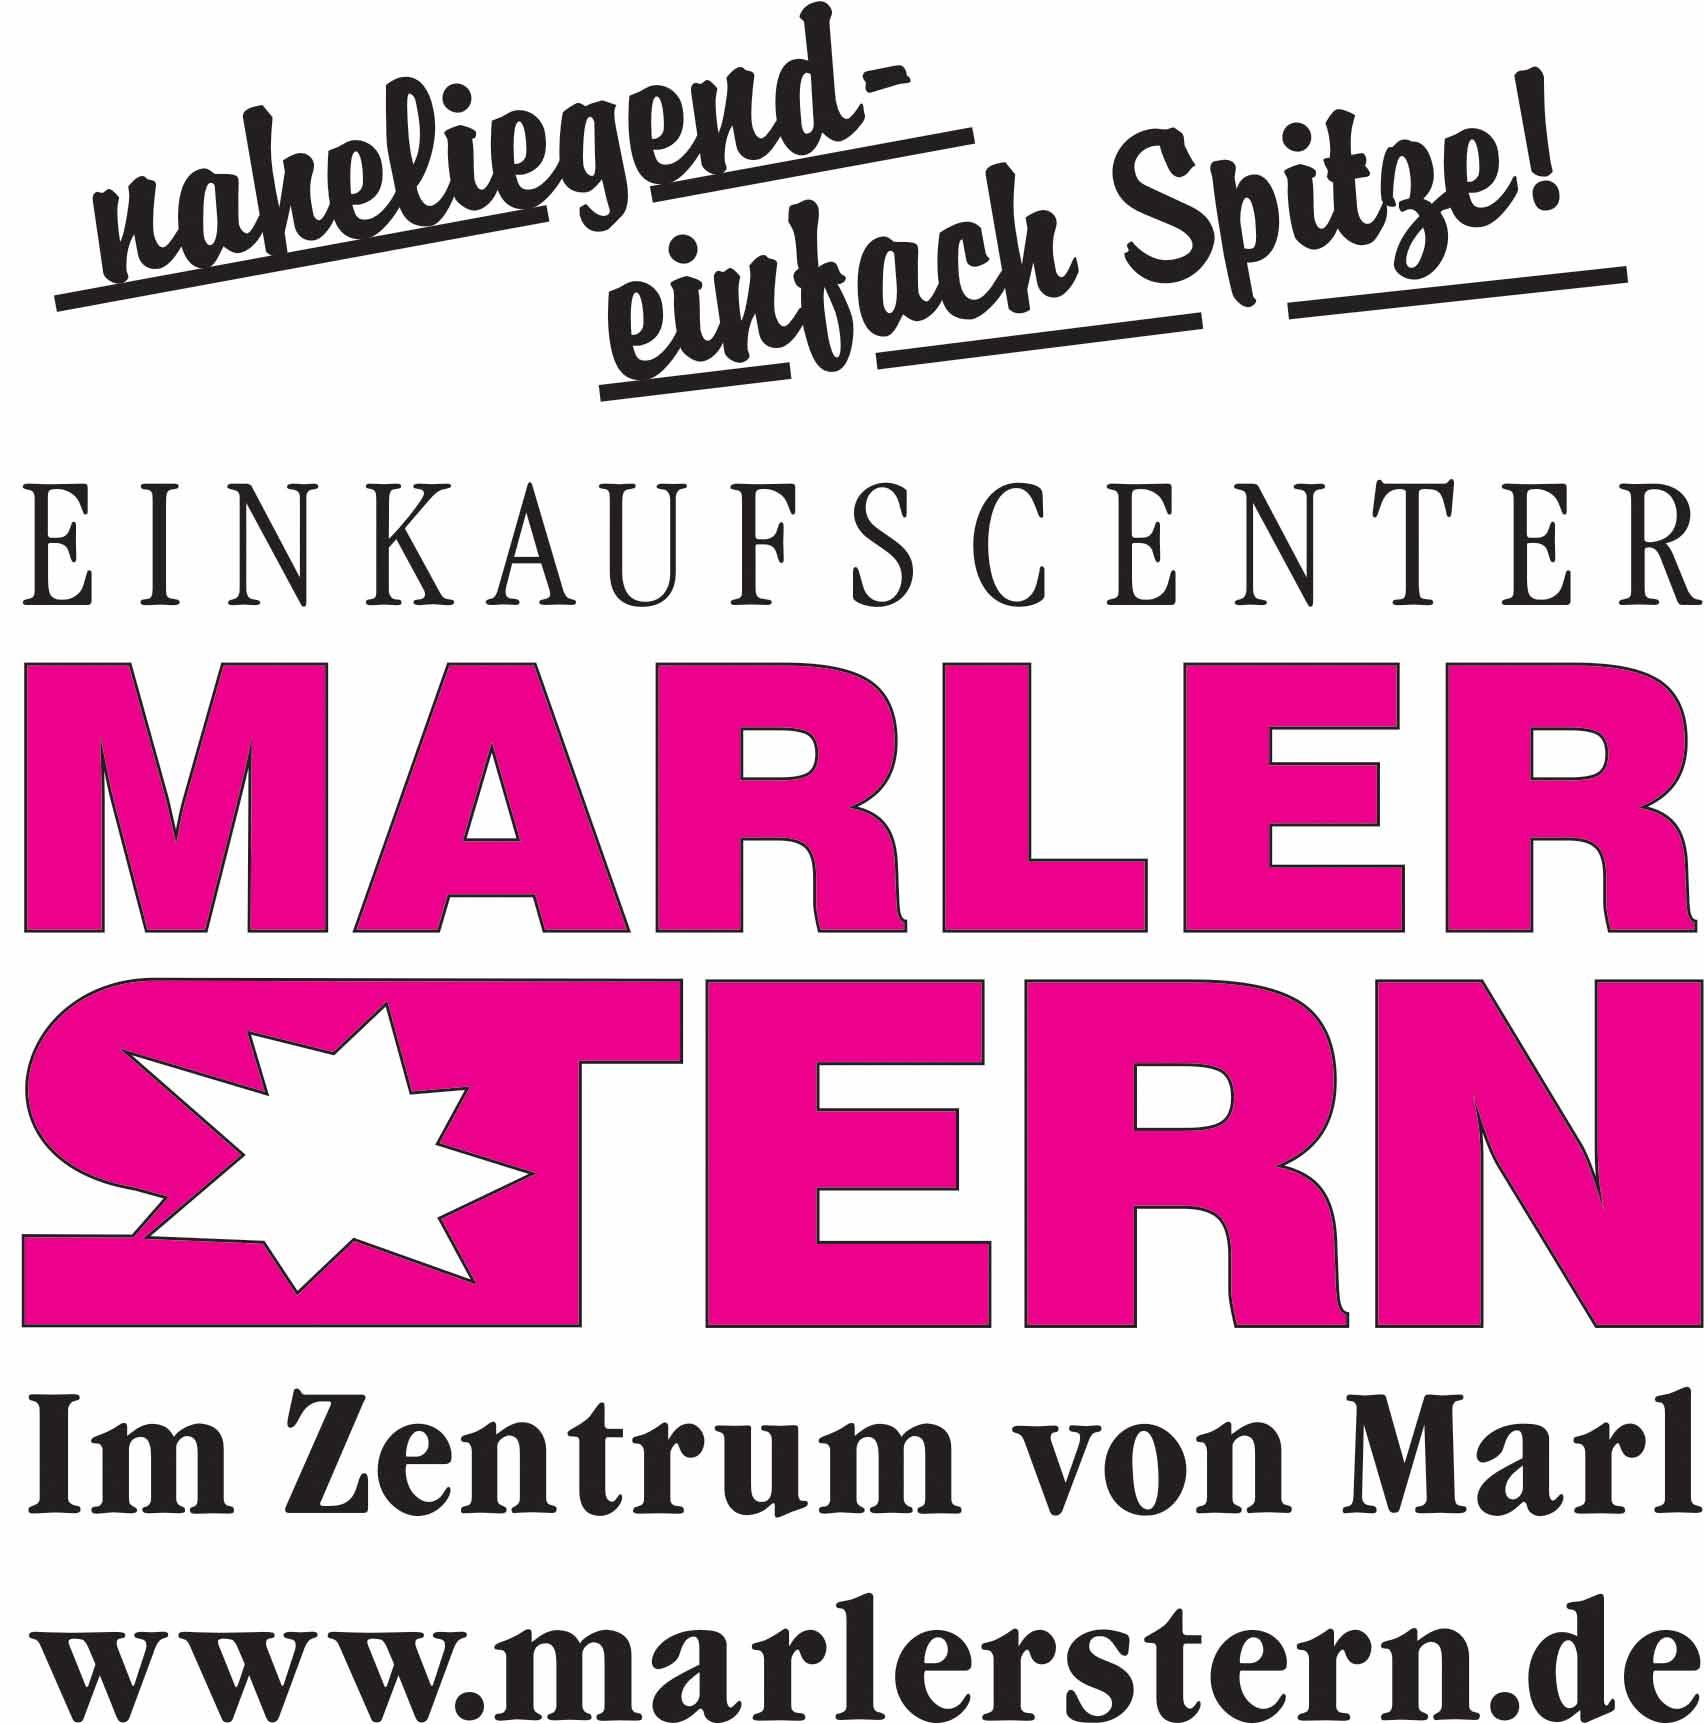 Marler Stern 4.21-1_bearbeitet-1